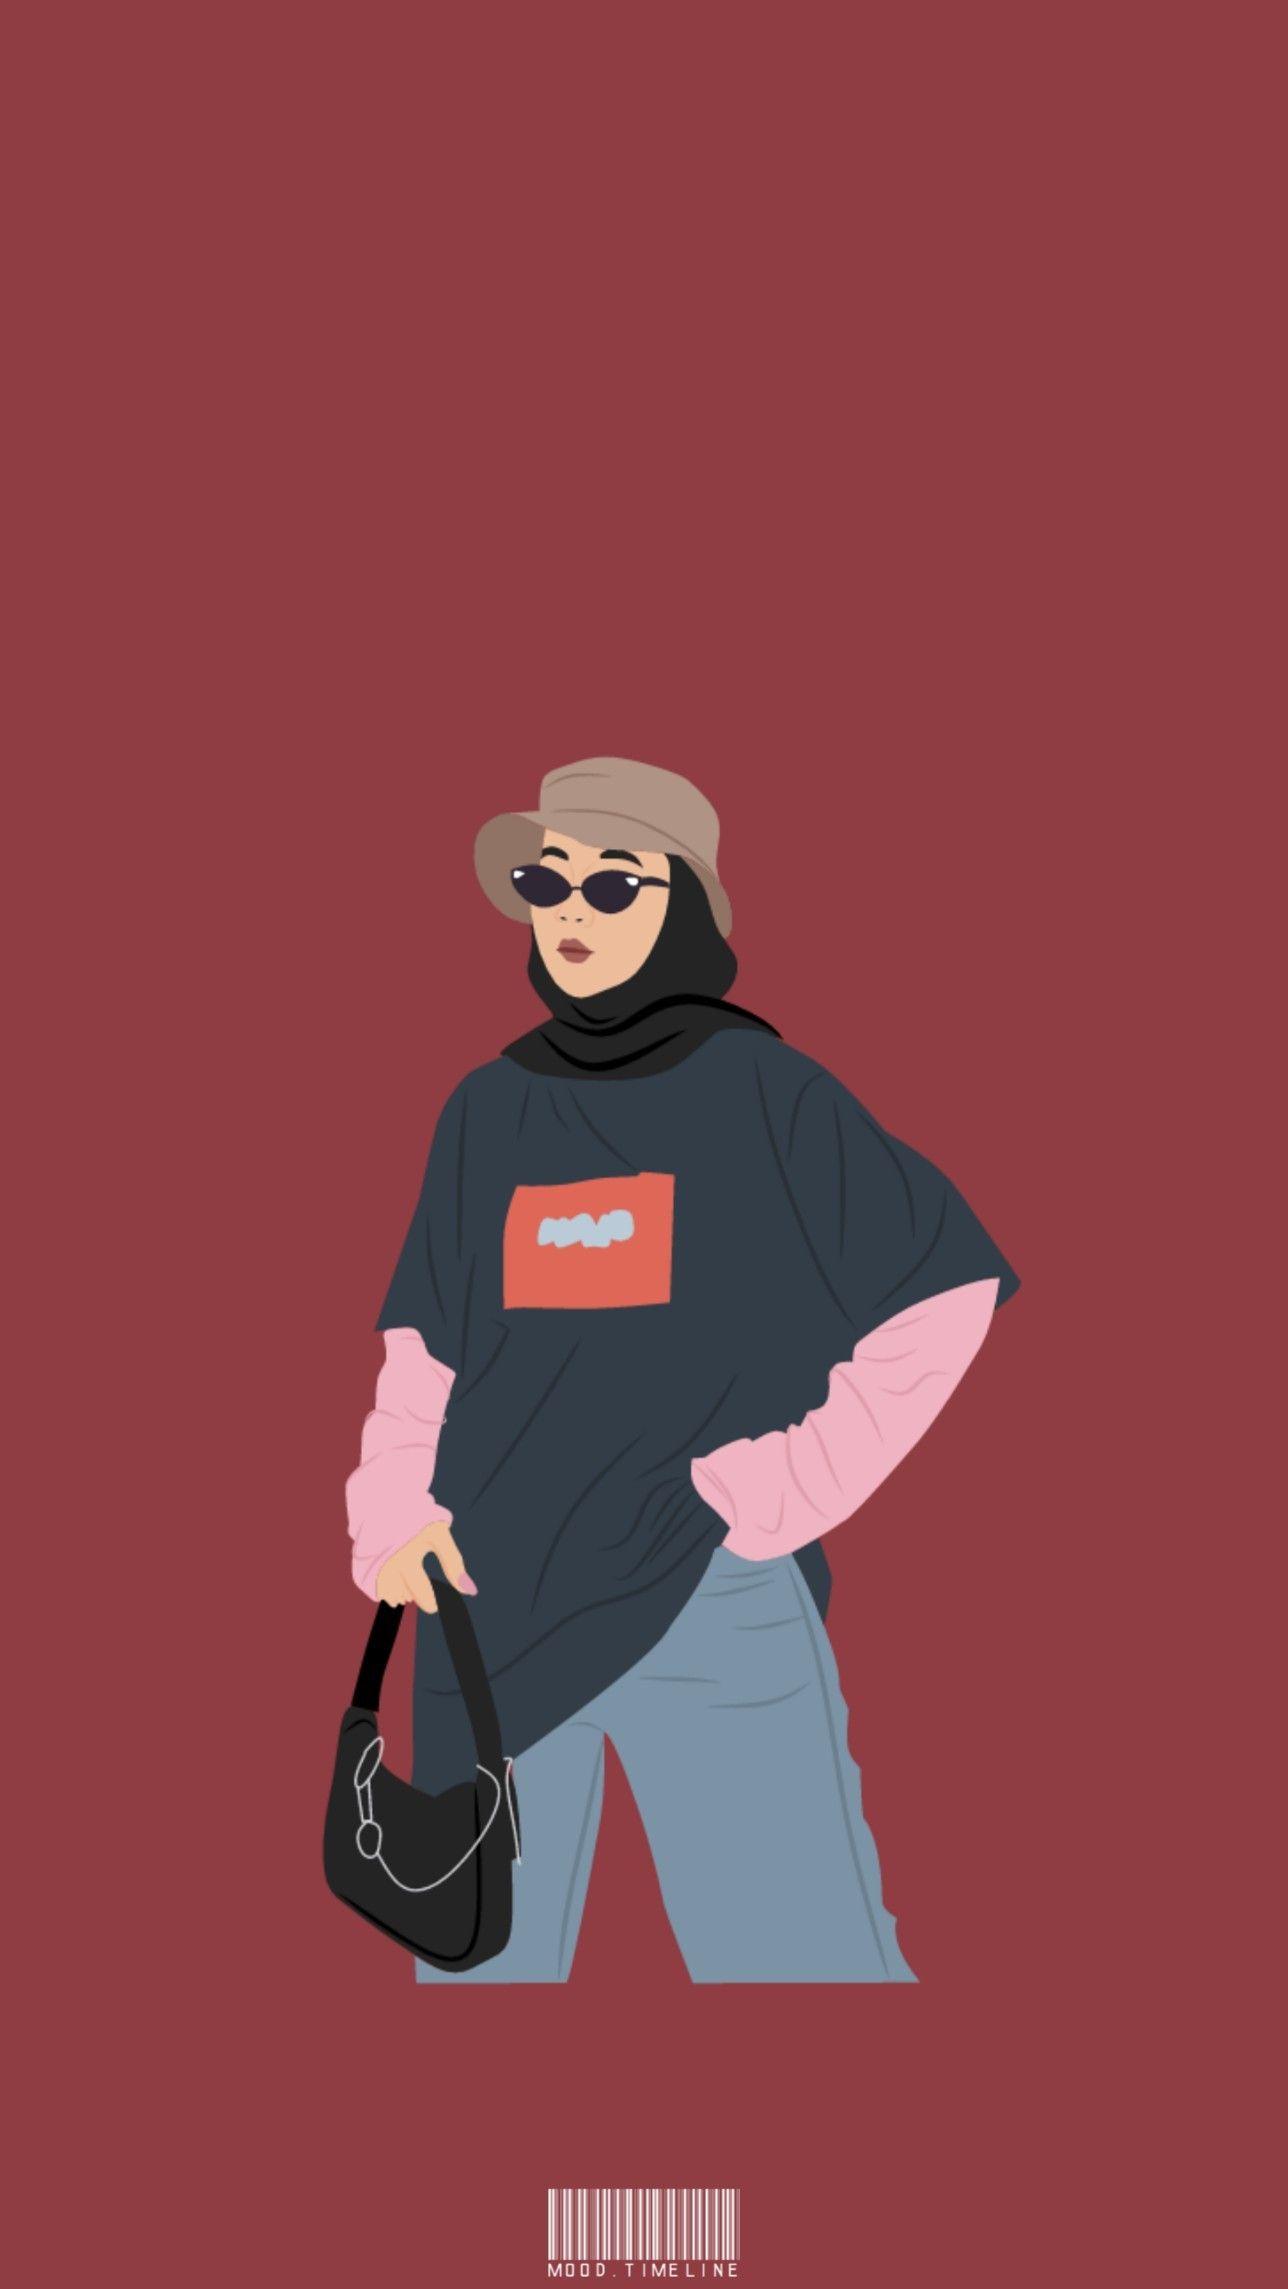 Wallpaper Background Animasi Hijab Ootd Aesthetic Karikatur Ilustrasi Karakter Wallpaper Disney Lucu Kartun